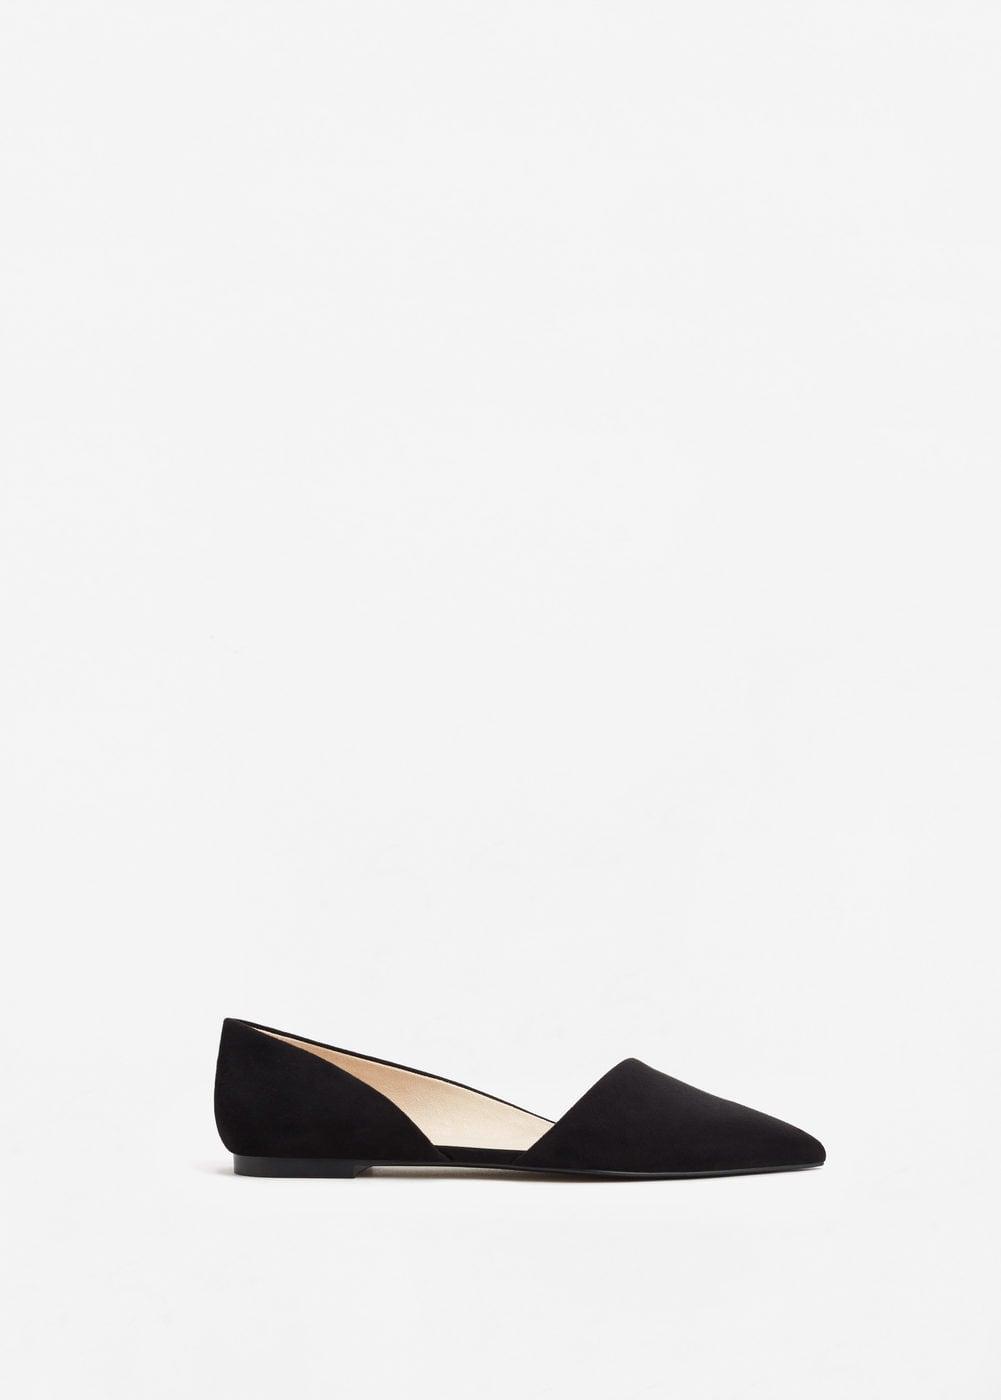 Mango Flat Shoes $39.99